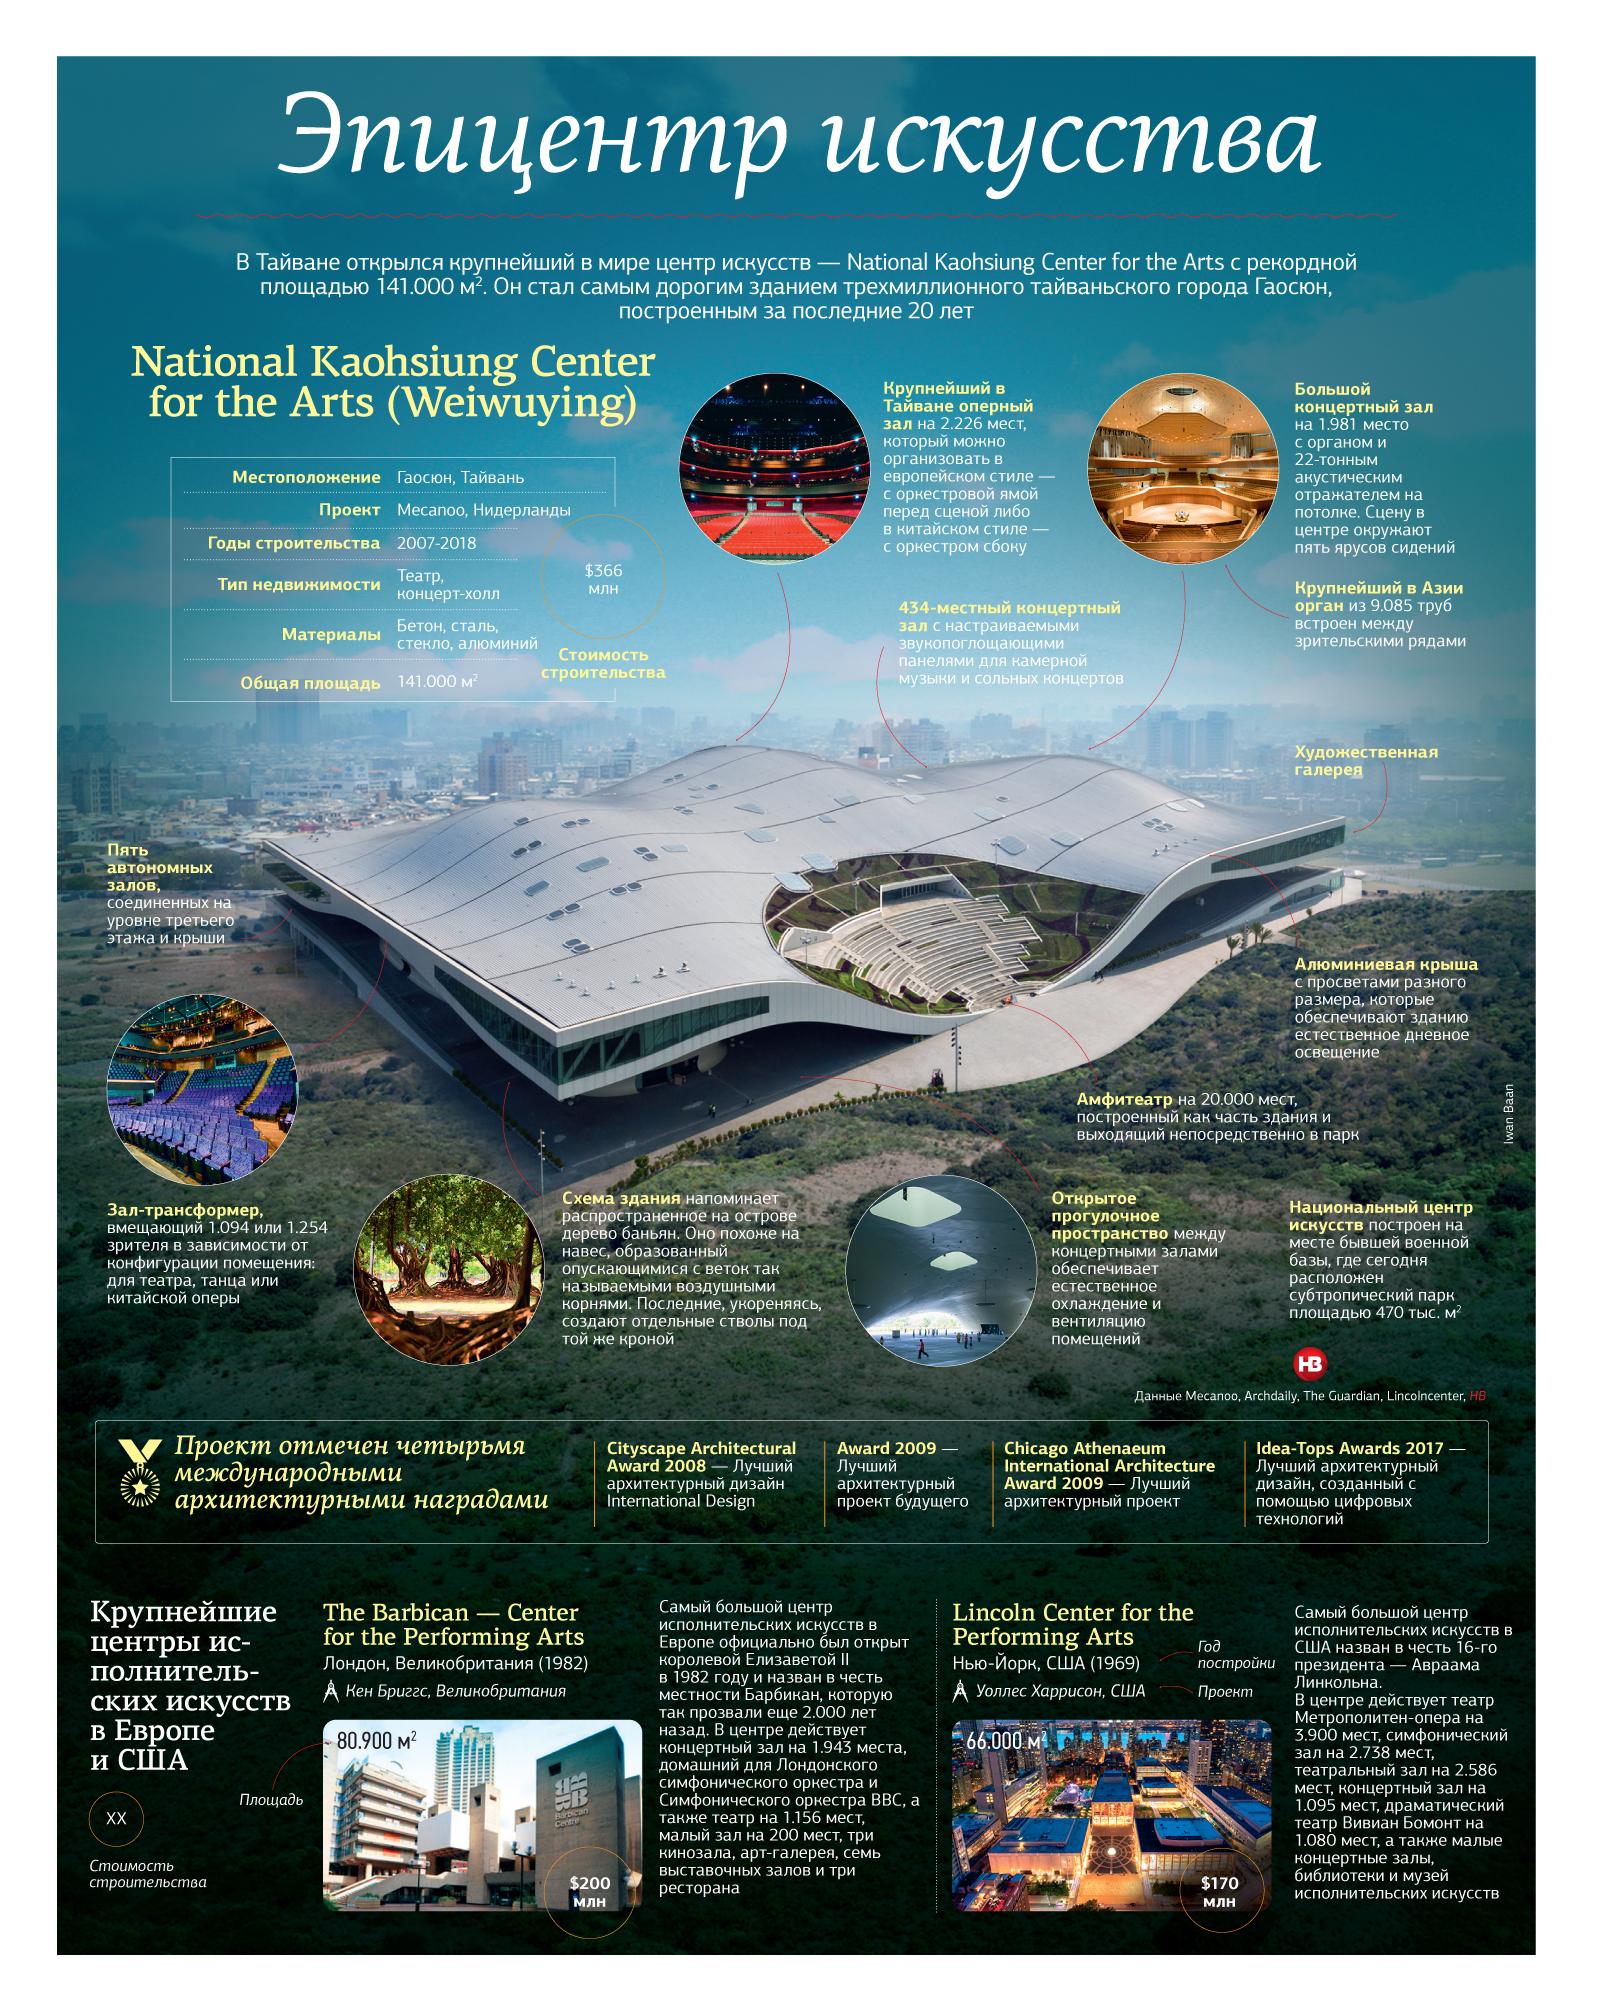 ТОП-10 фактов о крупнейшем в мире центре искусств ТОП-10 фактов о крупнейшем в мире центре искусств tsentr iskusstv infol